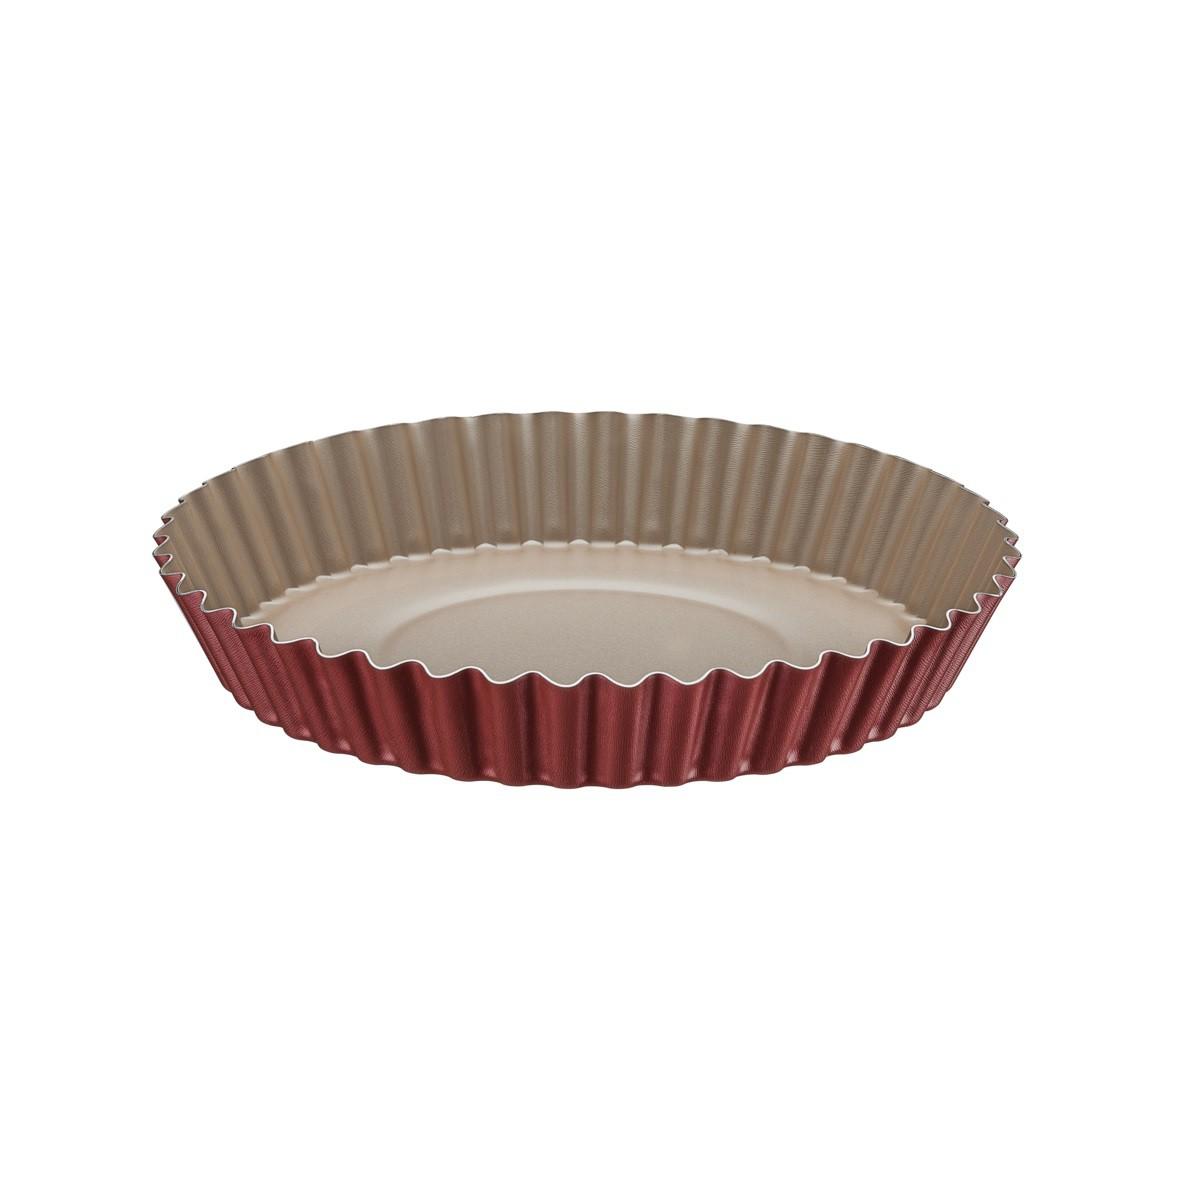 Forma Redonda para Torta e Bolo Tramontina Brasil em Alumínio com Revestimento Interno e Externo Antiaderente Starflon T1 Vermelho 26 cm 1,8 L  Tramontina 20056726